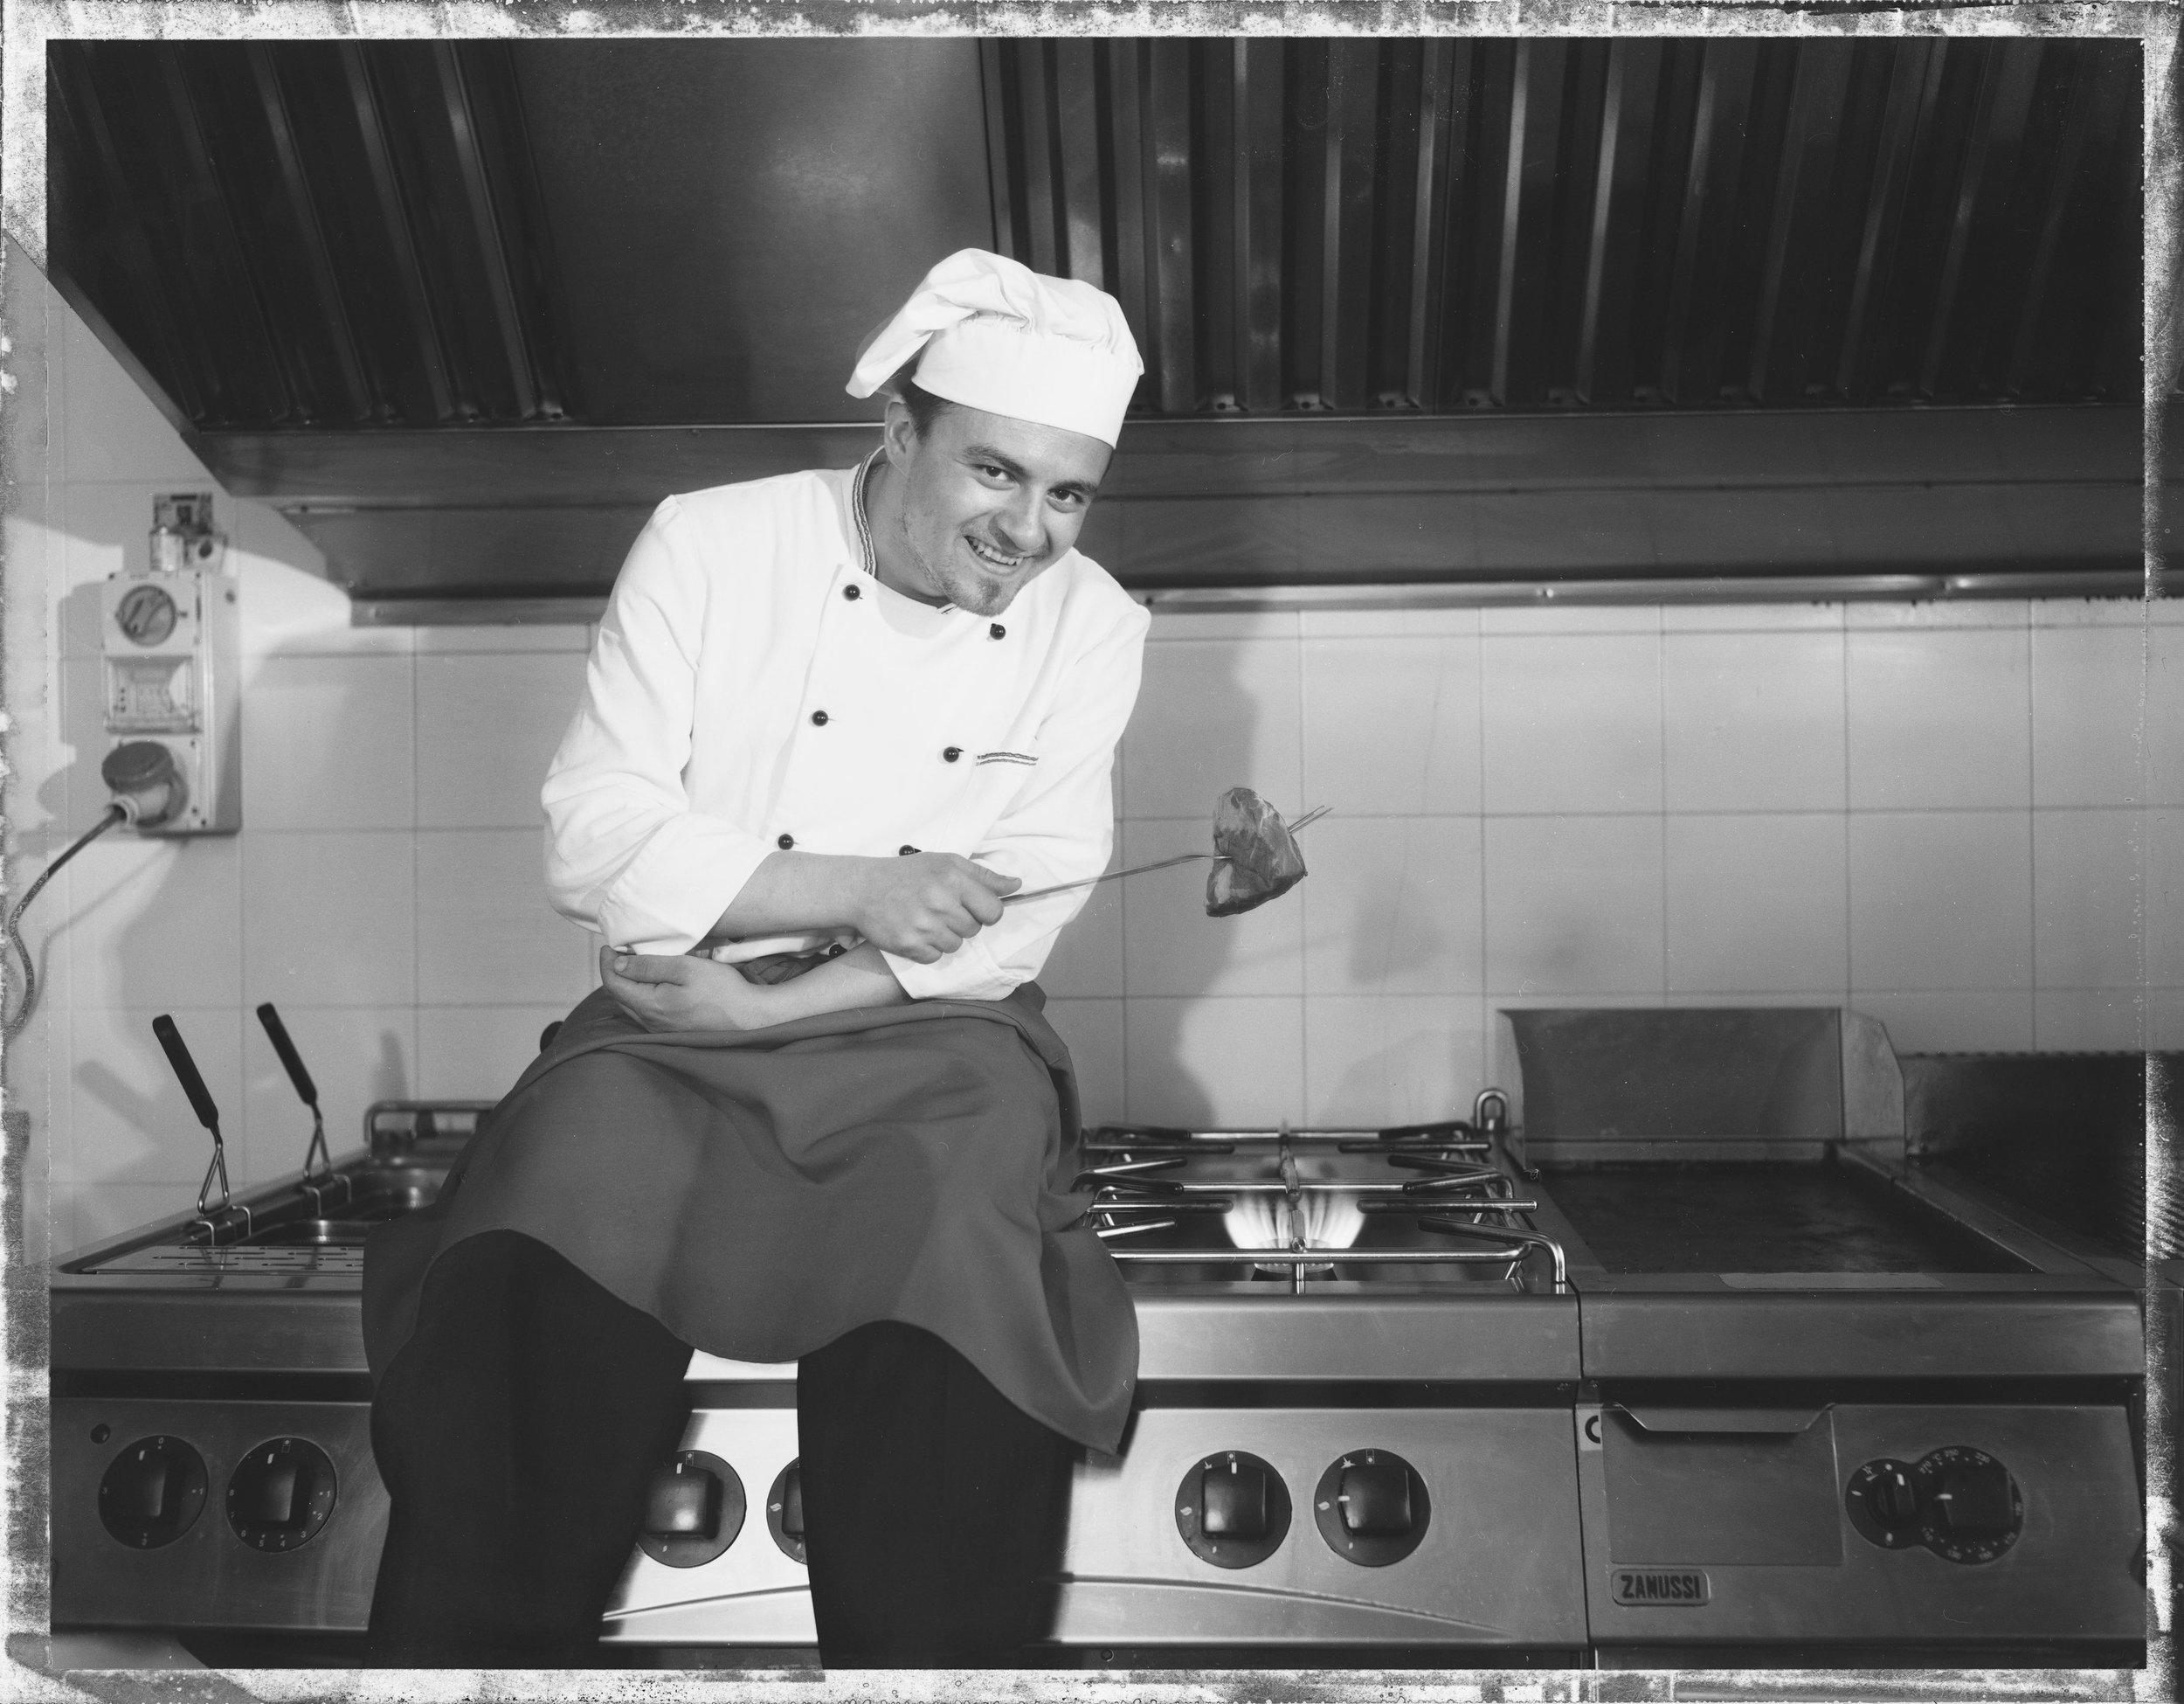 Gabriele Giacomucci - nasce a Cagli nel 1982, si diploma all'istituto Alberghiero è giovanissimo inizia a lavorare ai fornelli di rinomati ristoranti della capitale del tartufo Acqualagna. Nel 2006 apre il suo ristorante La Gioconda a Cagli dove riscuote il suo massimo successo e nel 2008 diventa ristorante d'oro per la guida dei ristoranti di Veronelli, nel 2010 la sua cucina viene premiata come Big Gourmet (grande rapporto qualità-prezzo) per la guida Michelin, a seguito anche la guide Touring e gambero rosso selezionano la cucina dello chef.